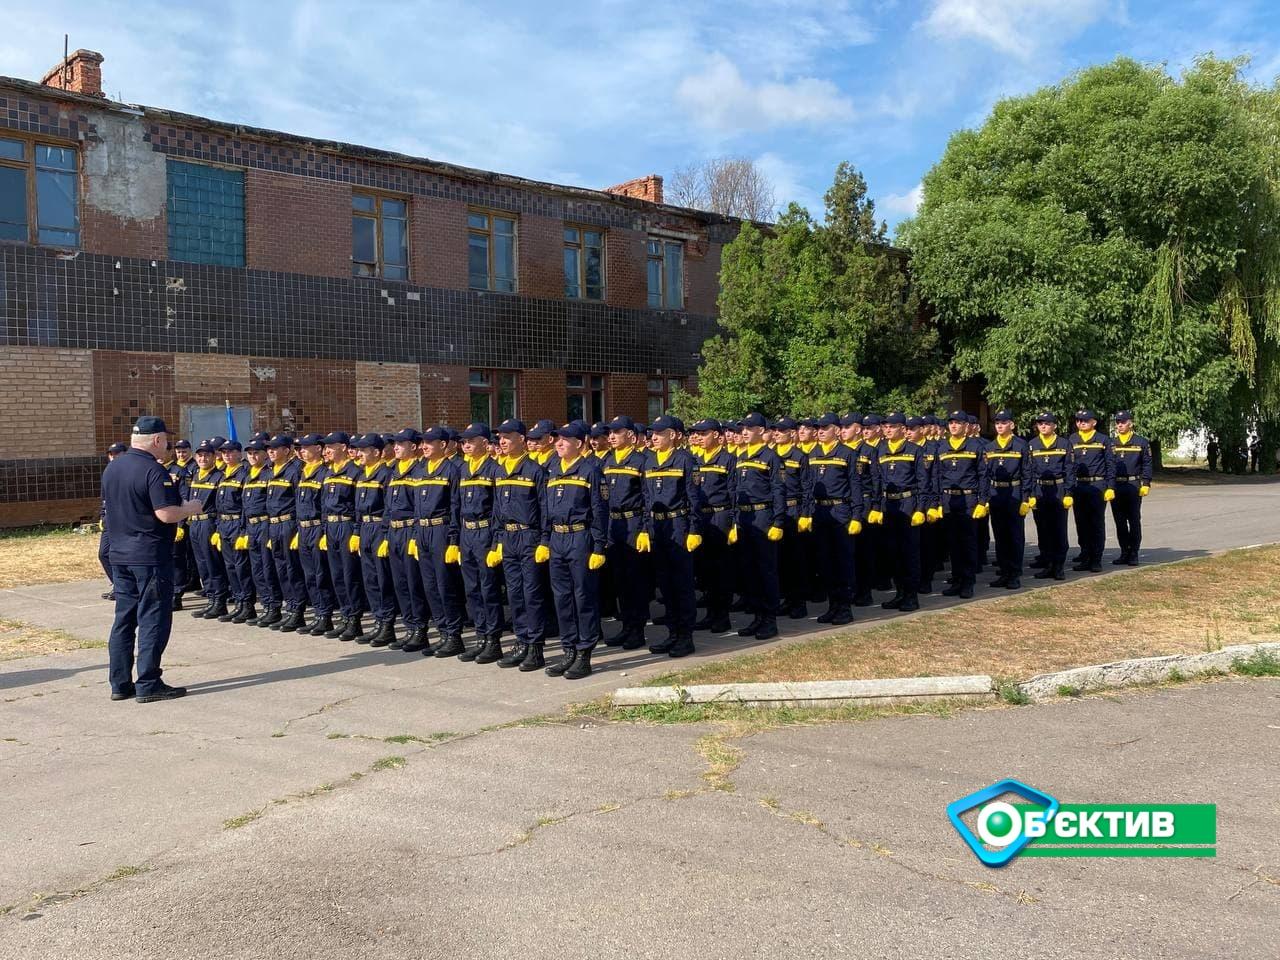 Харьковские курсанты Национального университета гражданской обороны готовятся участвовать в параде в Киеве 24 августа